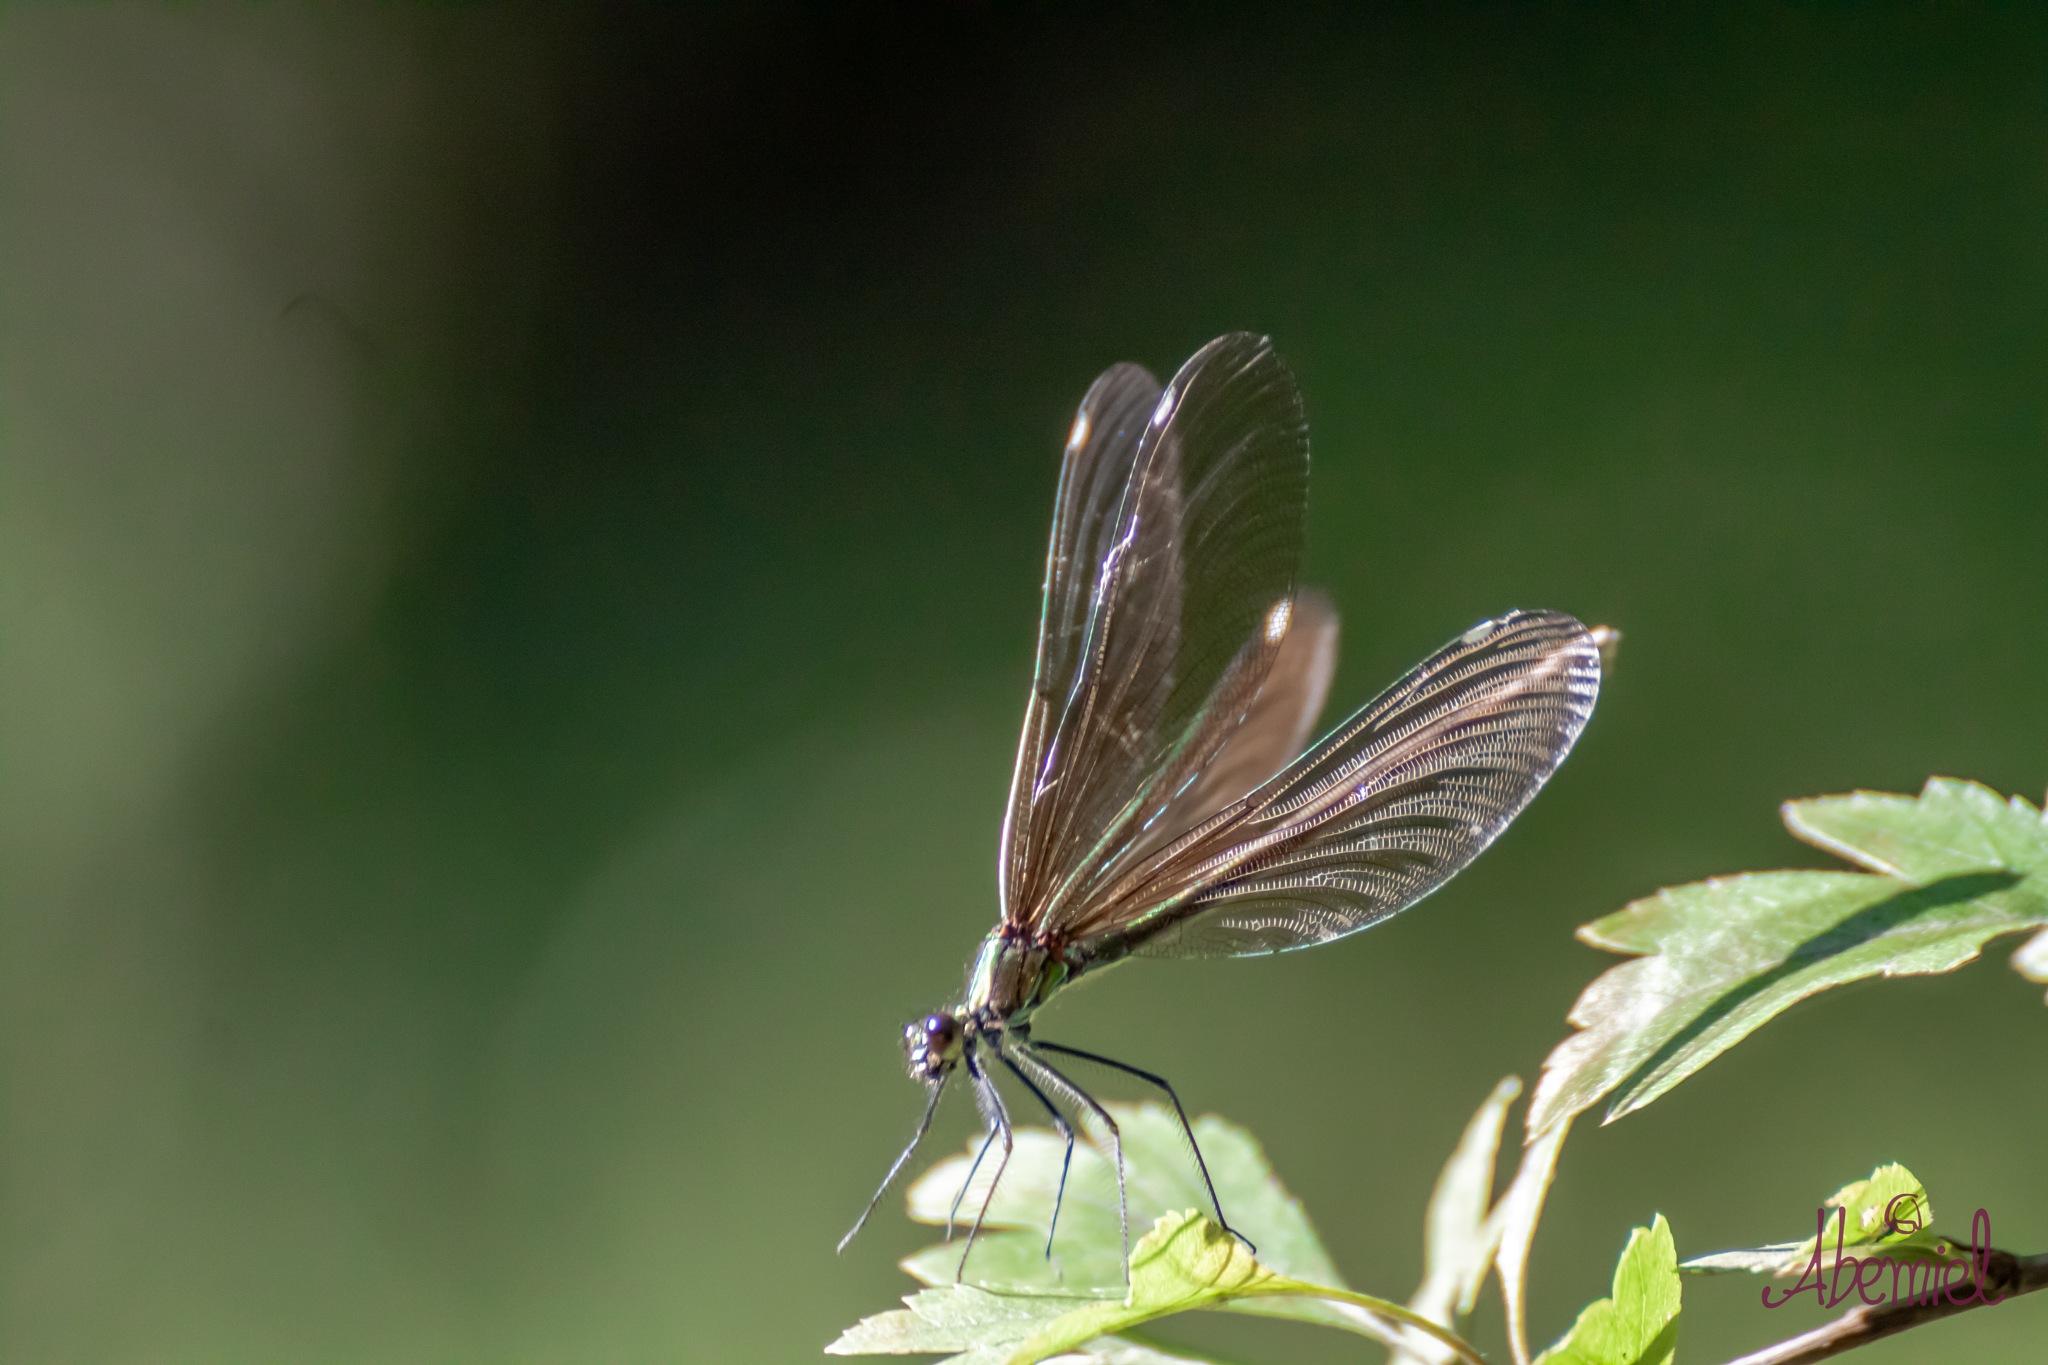 Brown Dragonfly 2 by carolina.abemiel